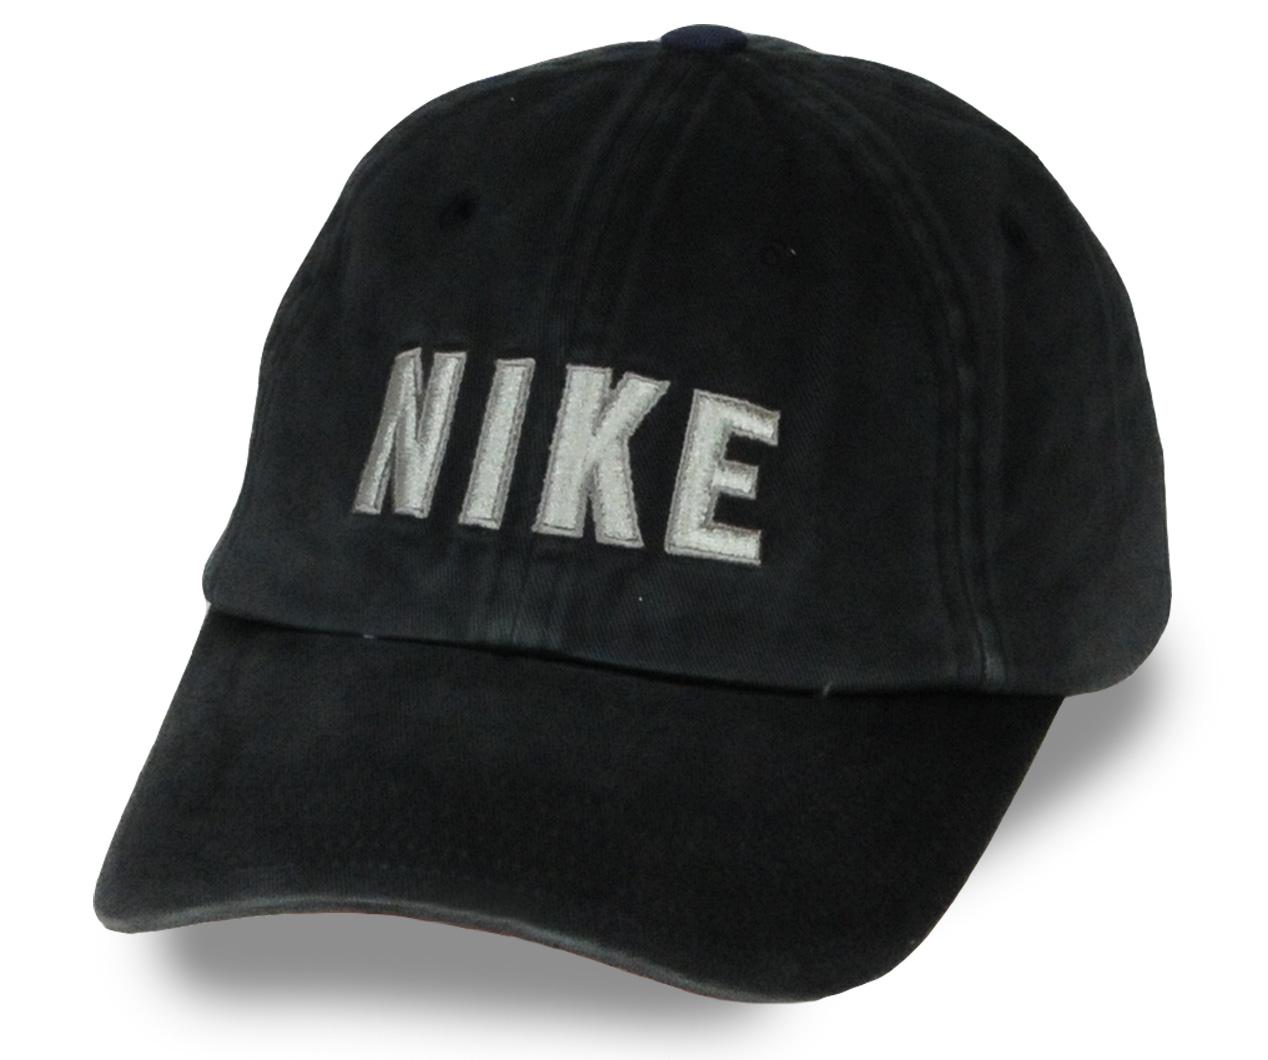 Черная джинсовая бейсболка брендового качества